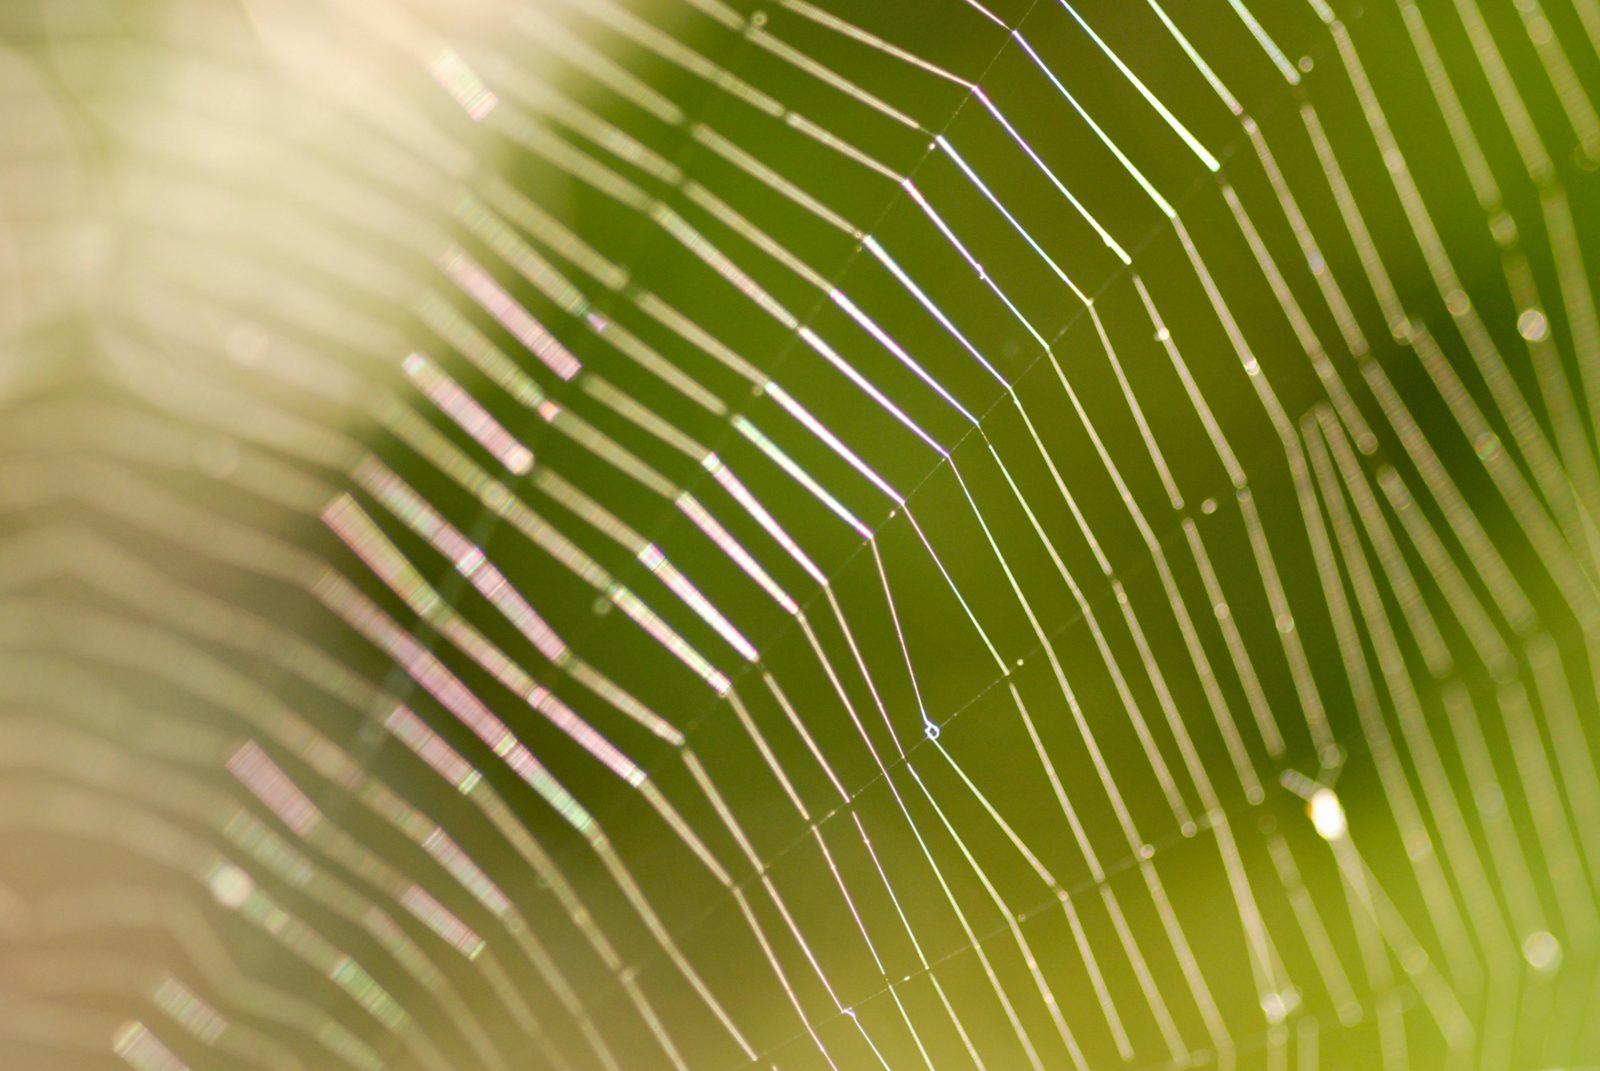 Blurry Spider Web Pattern